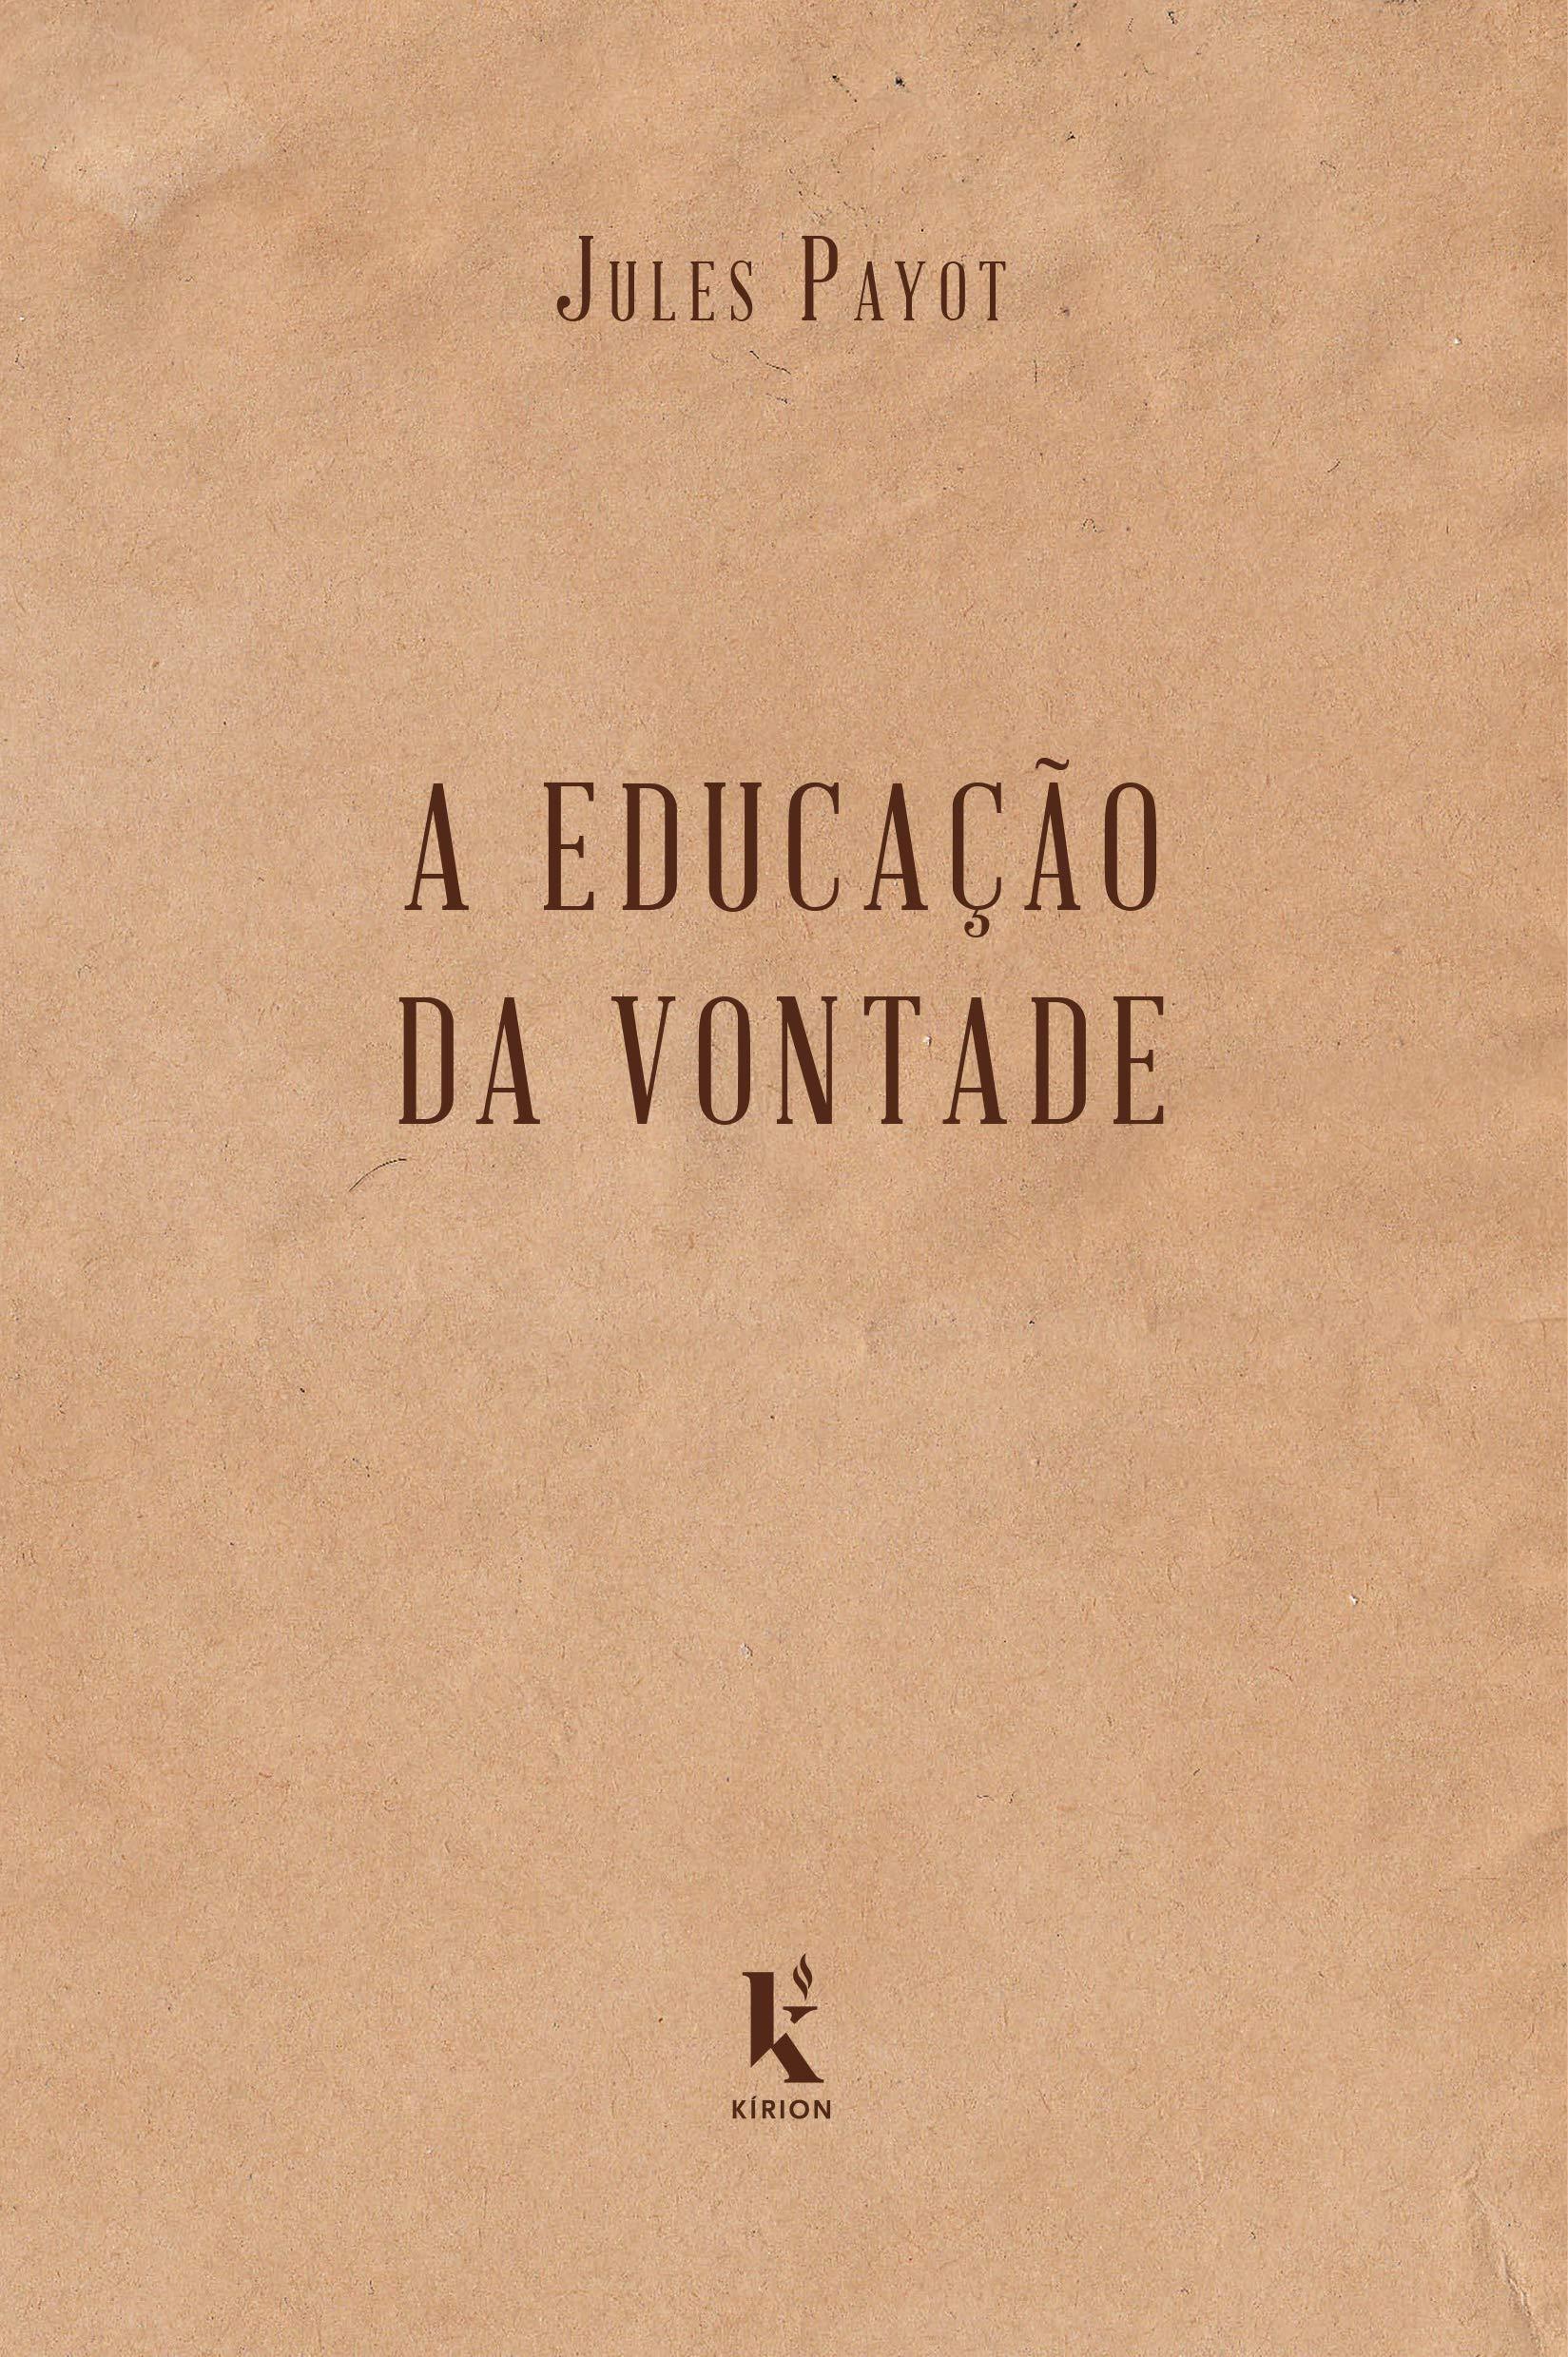 A Educação da Vontade de Júlio Payot Lisboa • OLX ...